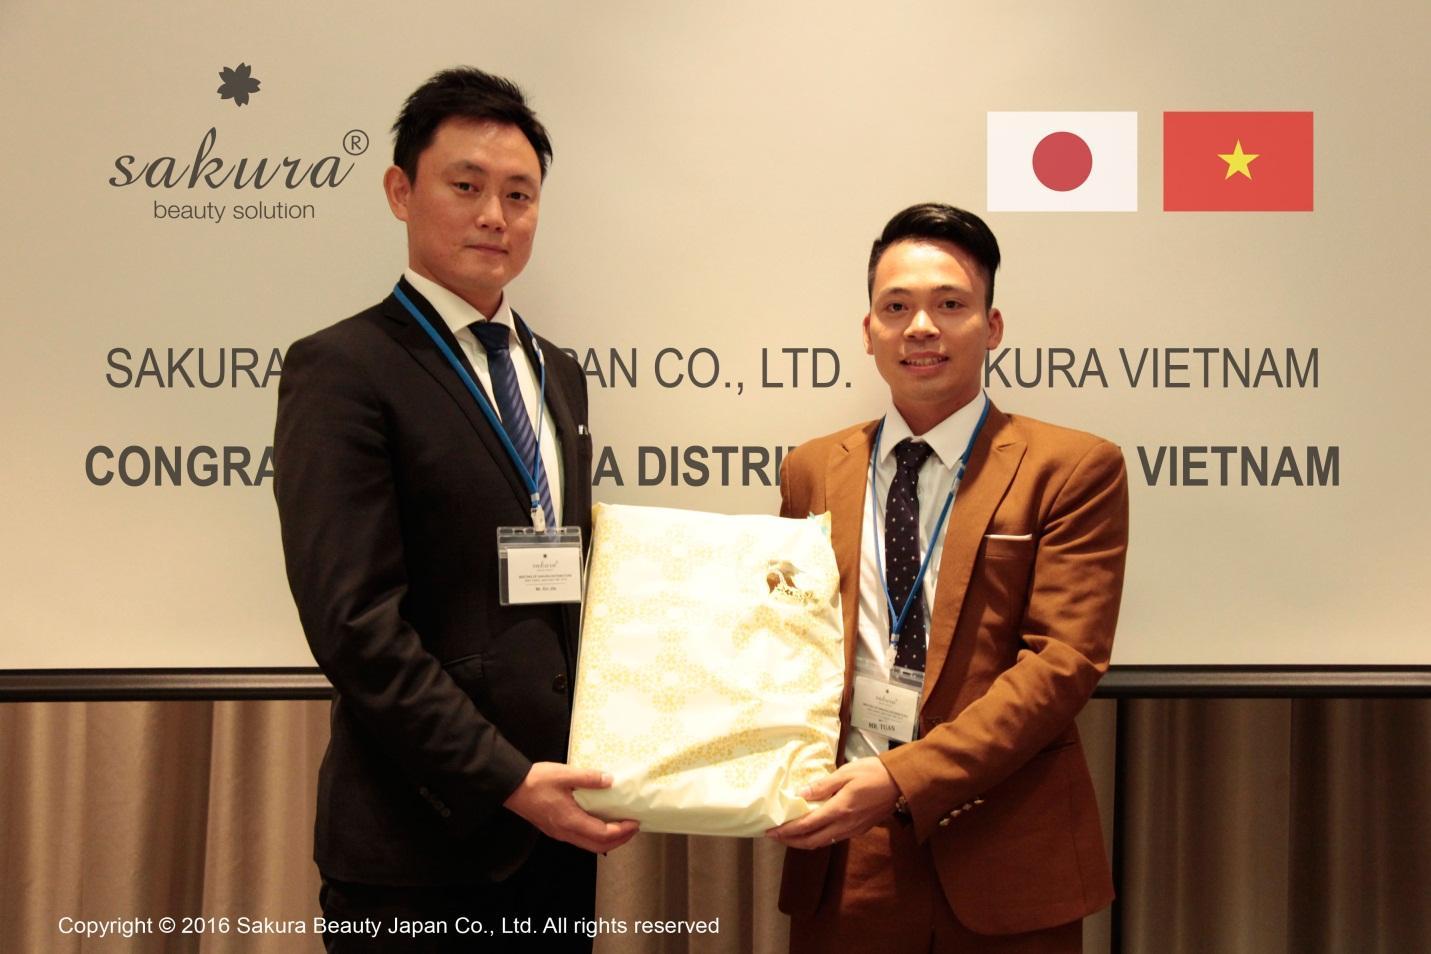 Ông Hoàng Anh Tuấn- Đại diện công ty cổ phần mỹ phẩm Kang Nam gặp gỡ Phó giám đốc Yamamoto Kazuya- đại diện Sakura Nhật Bản